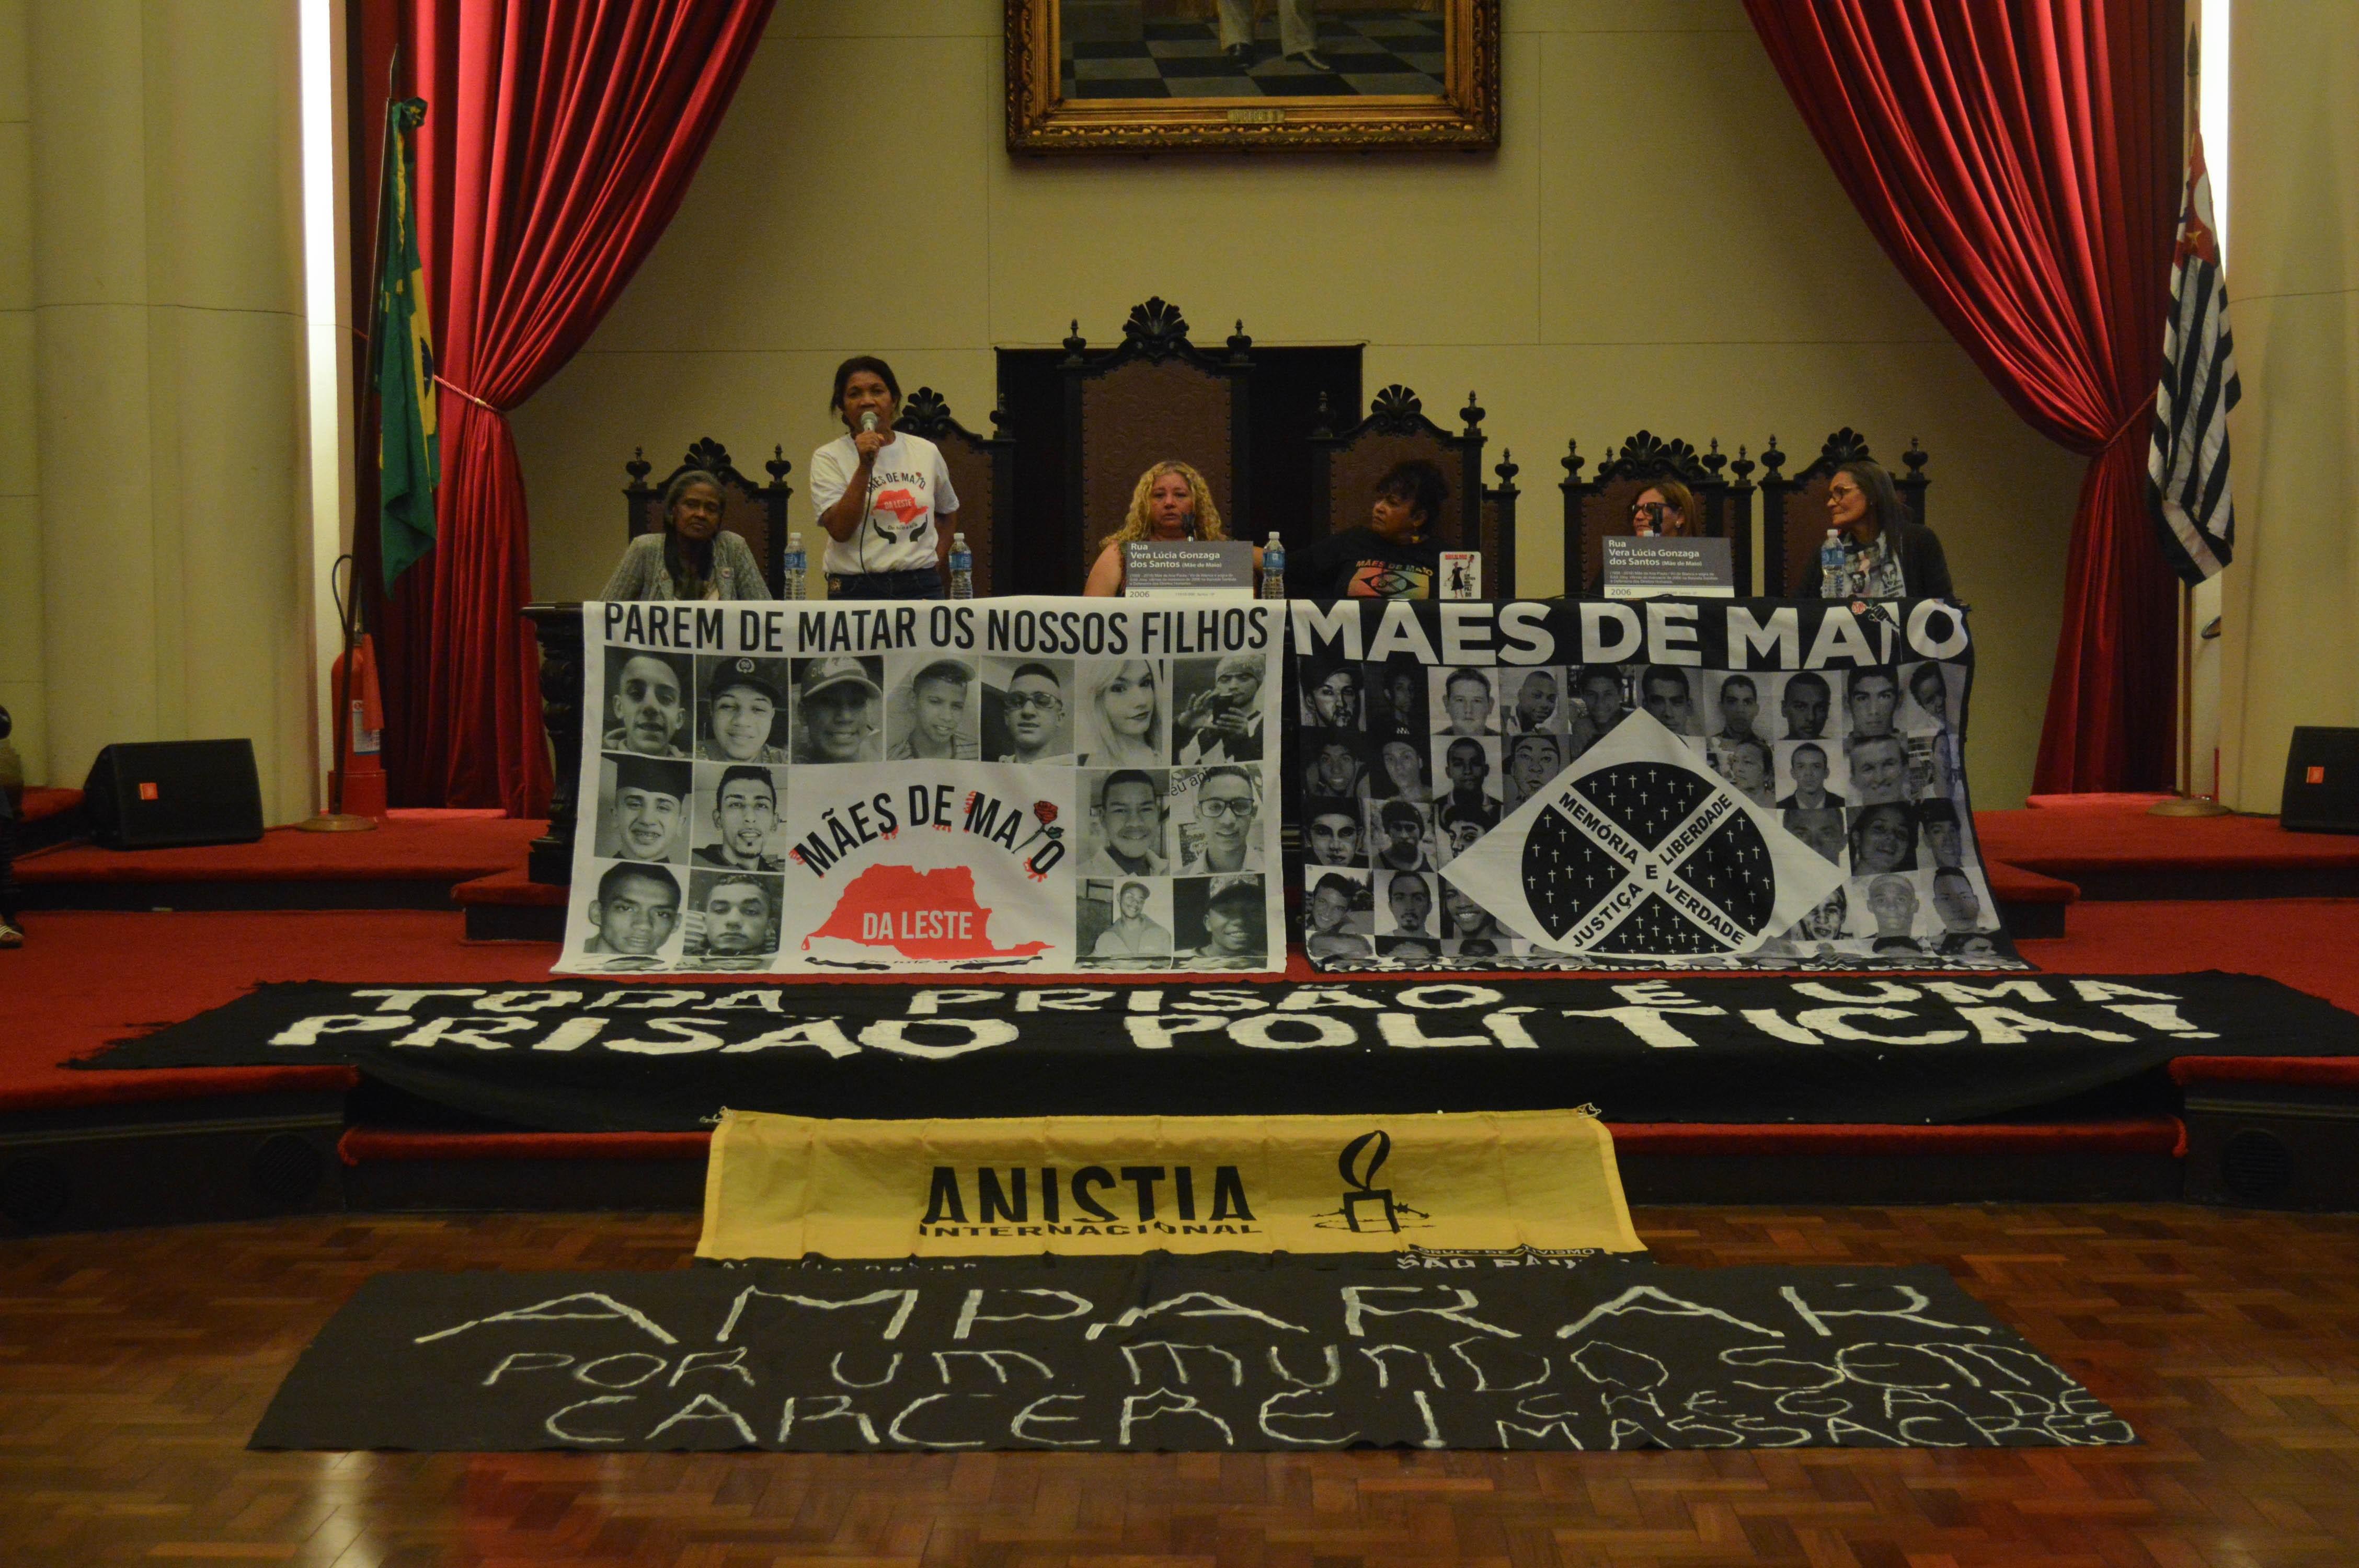 Após 15 anos, OEA vai julgar e pode condenar Brasil pelos 'crimes de maio' de 2006 em SP